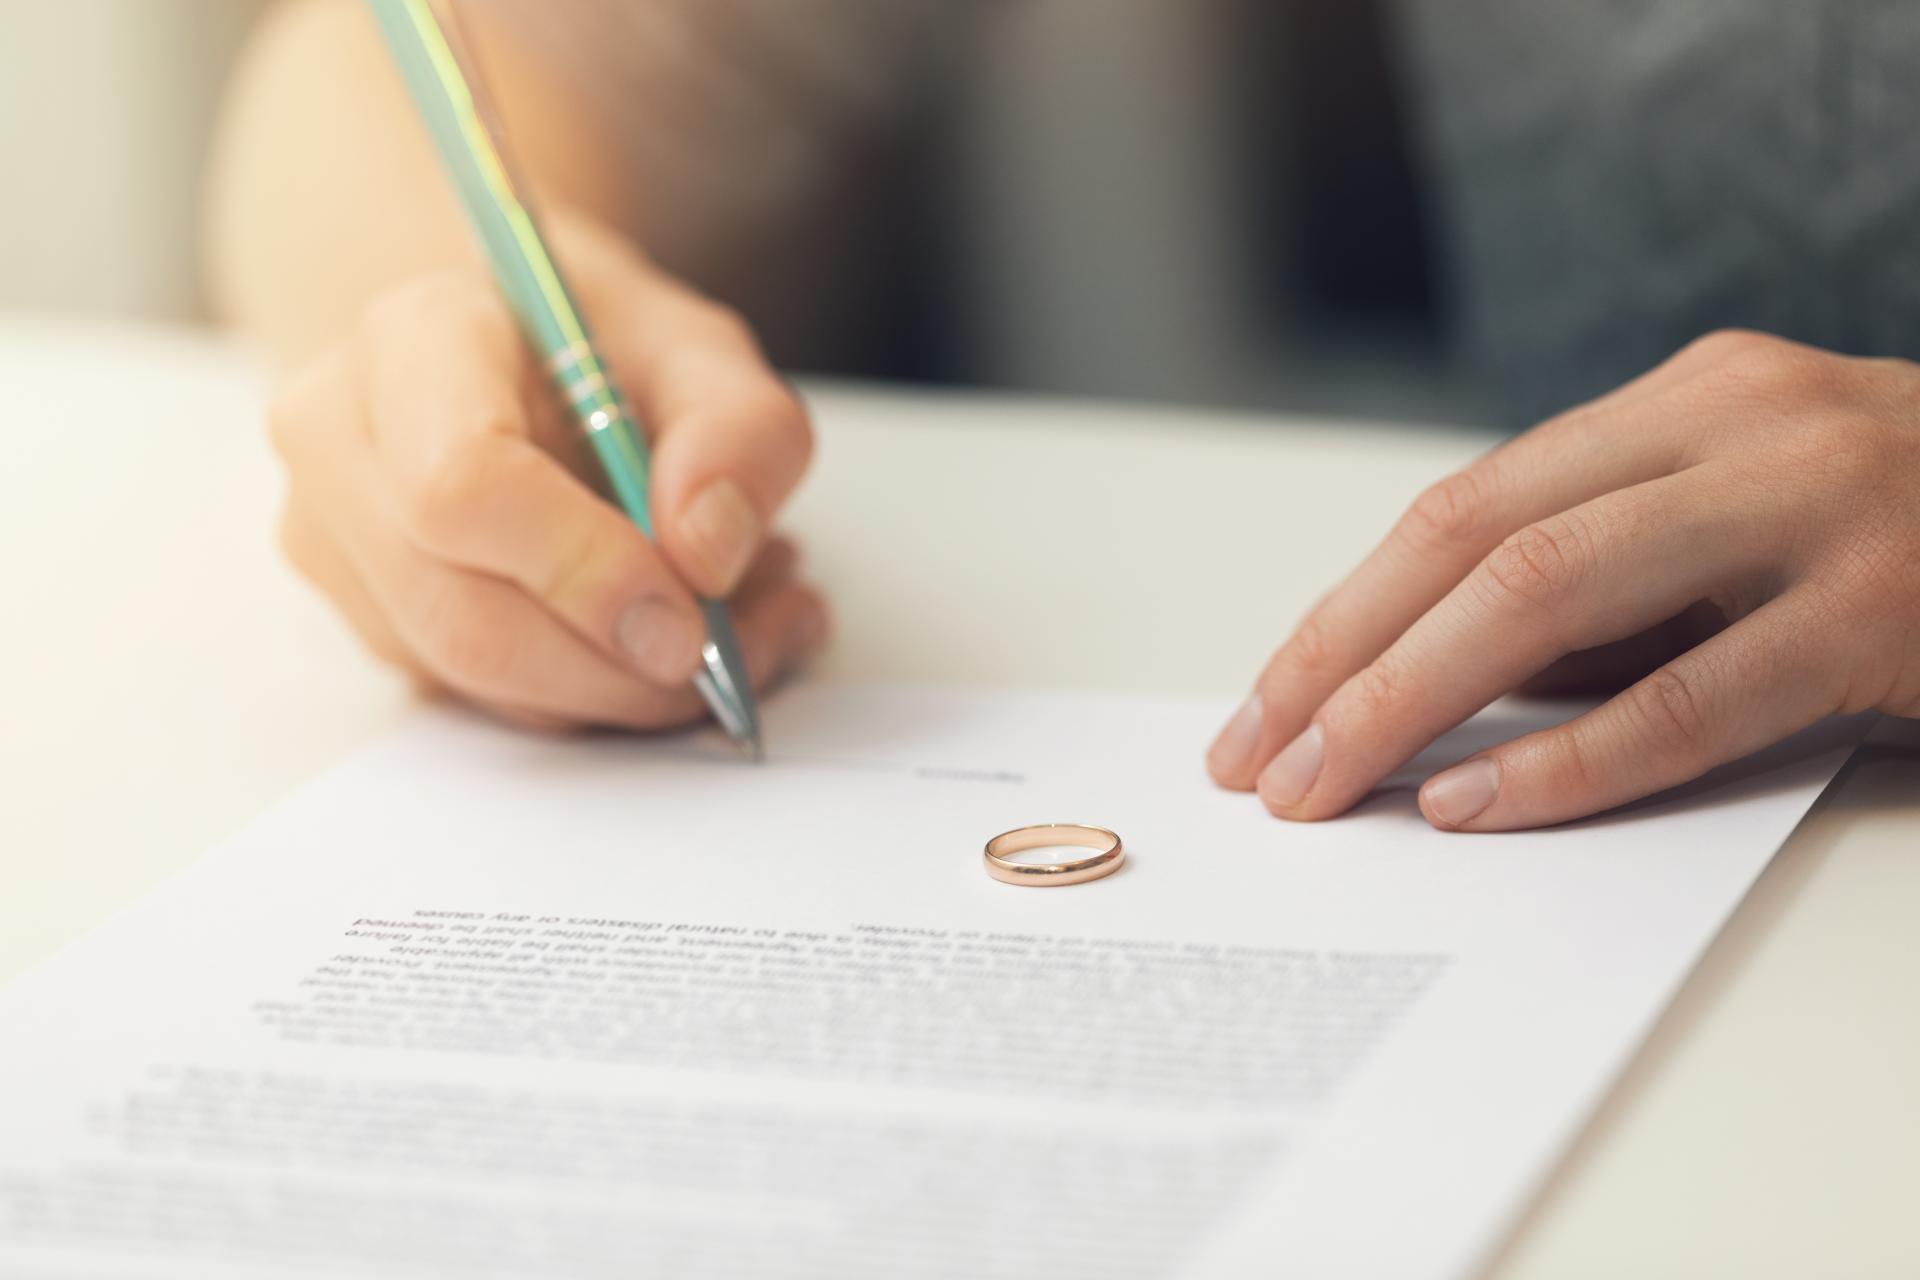 юридическая консультация развод дети